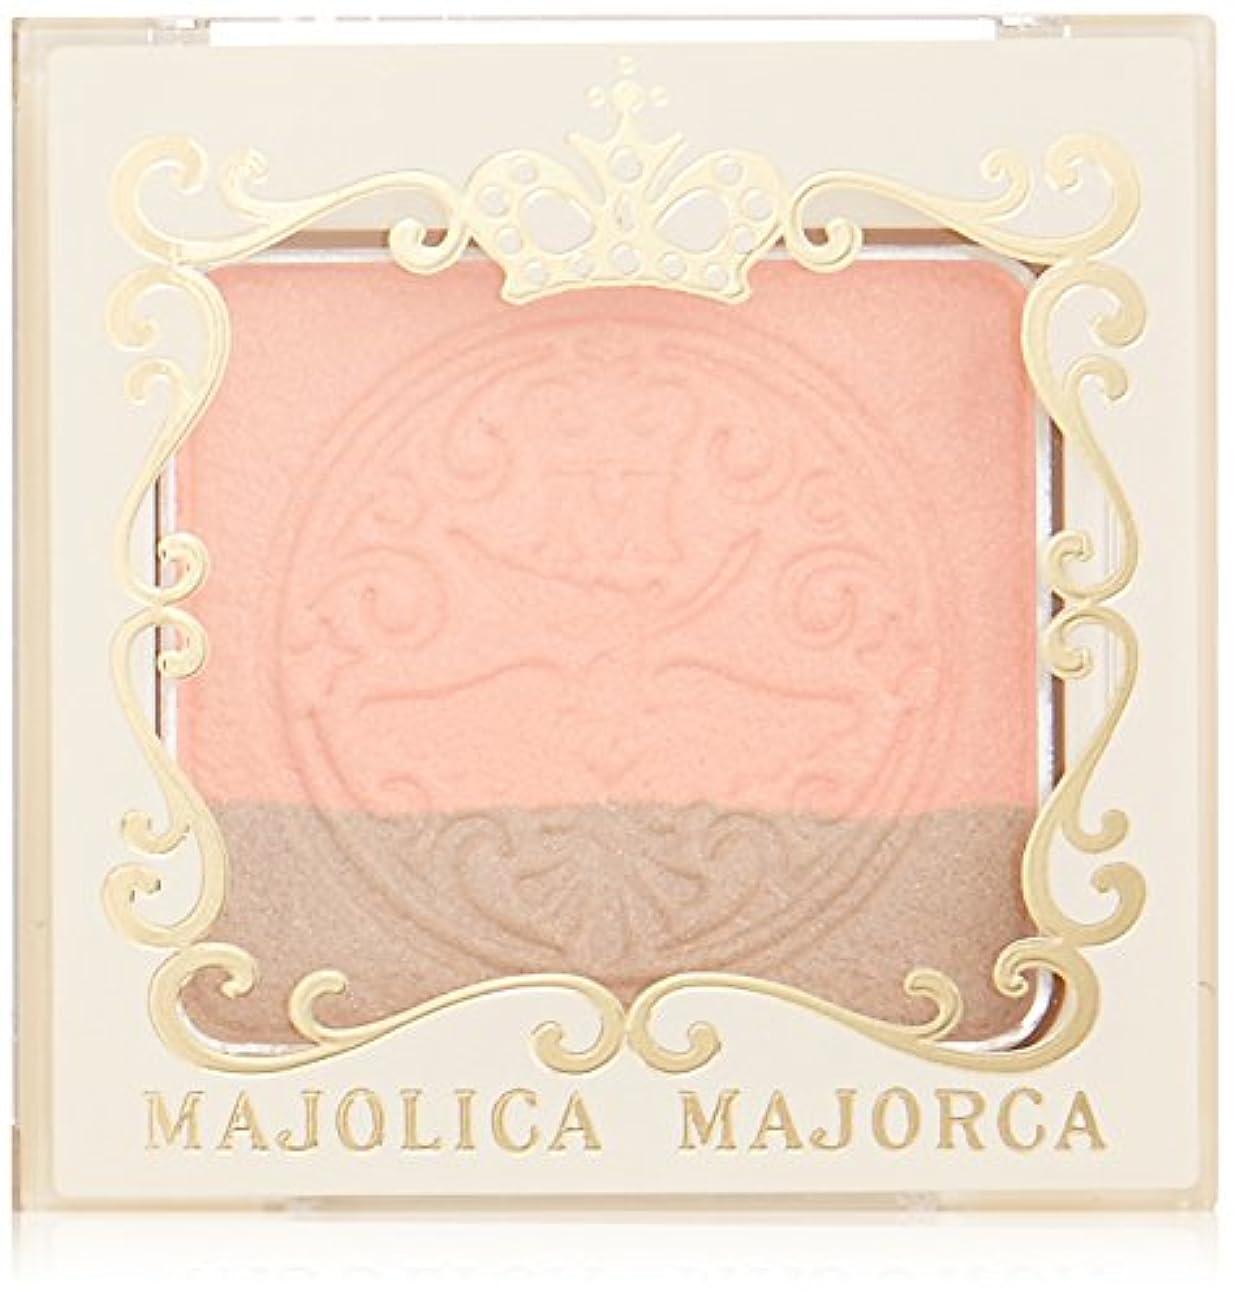 単独で使役揃えるマジョリカ マジョルカ オープンユアアイズ OR401 最短距離 (アイシャドウ) 2g